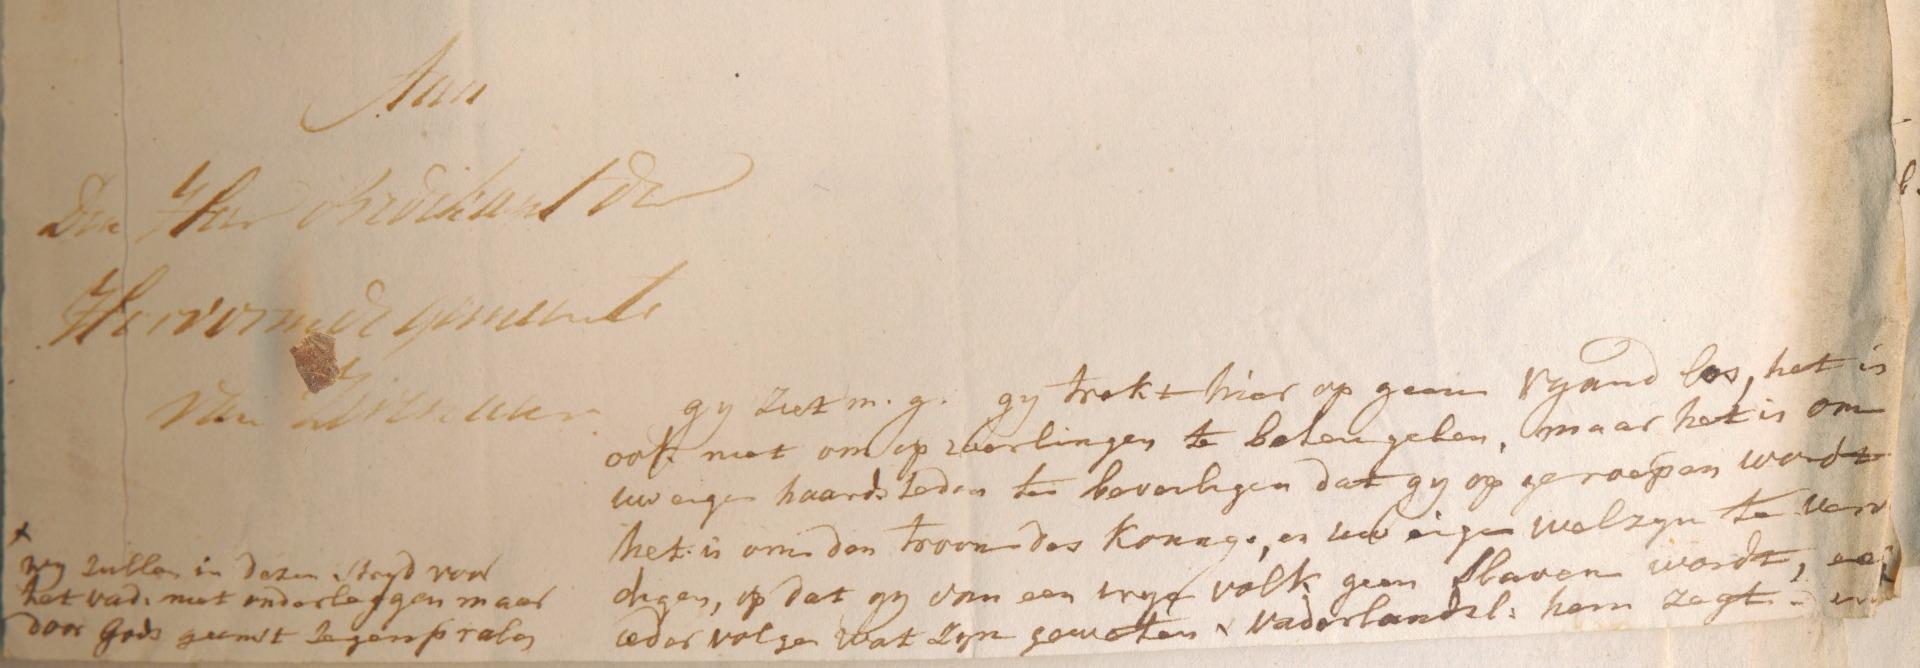 Het antwoord van predikant O.G. Heldring inlcusief de aantekeningen voor zijn preek in de kantlijn © Streekarchivariaat de Liemers en Doesburg